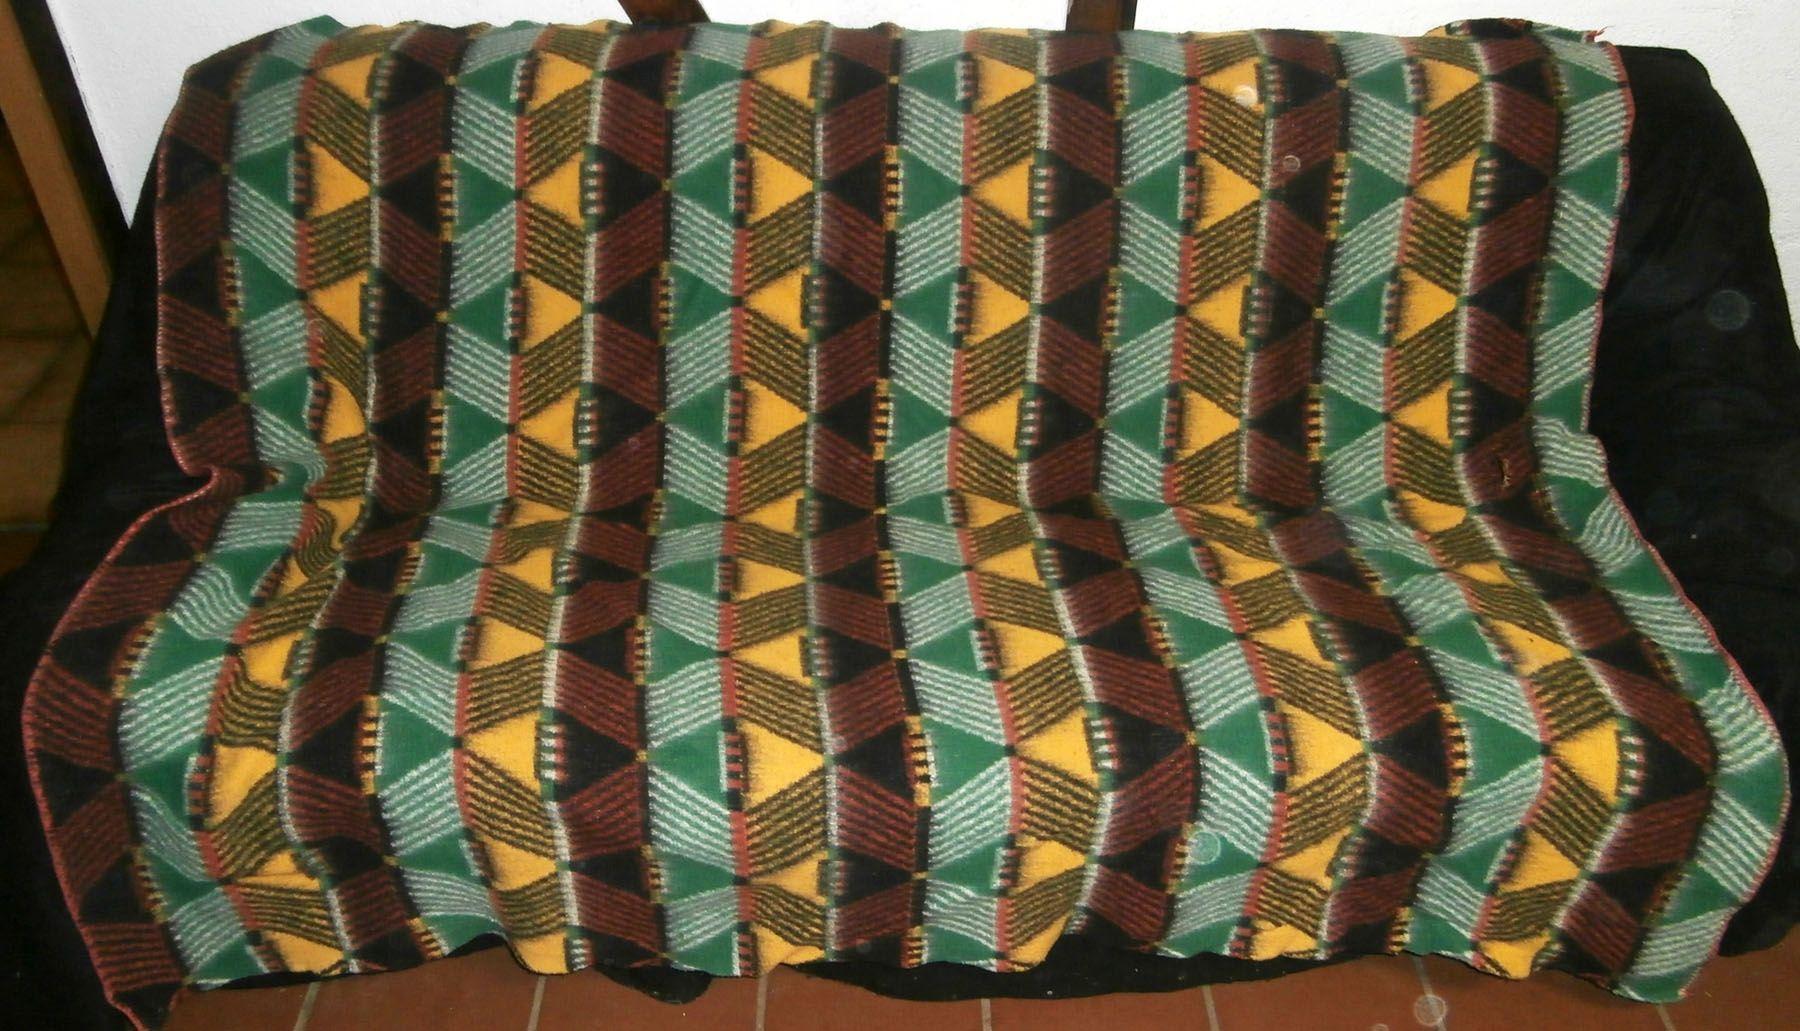 Retro Vintage Blankets Dekens Wolldecken 50s Wolldecke Decken